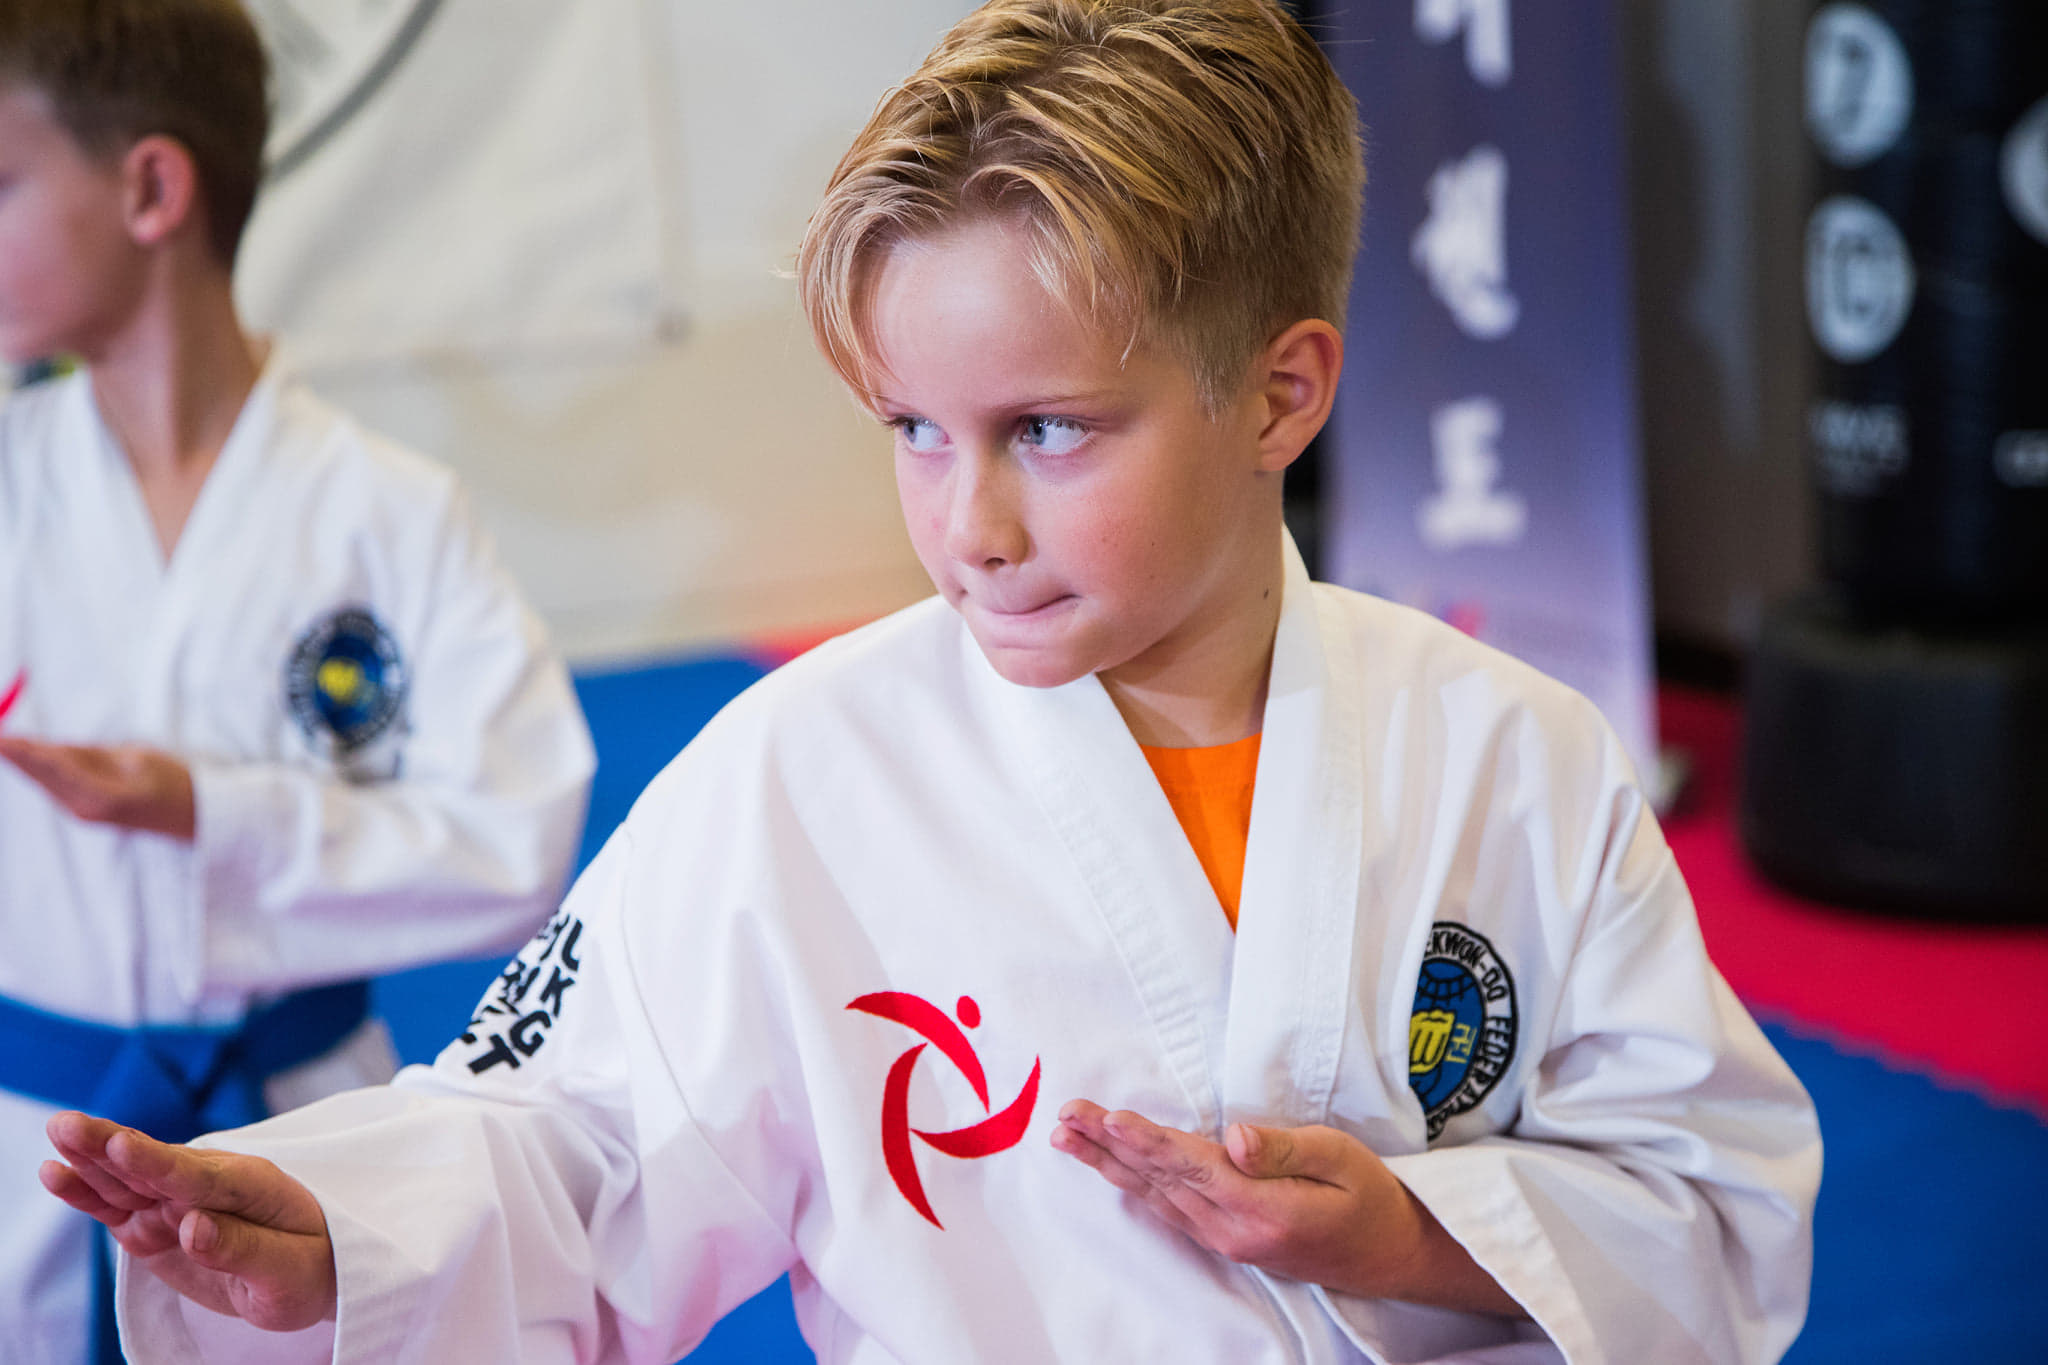 Taekwondo in Sevenoaks